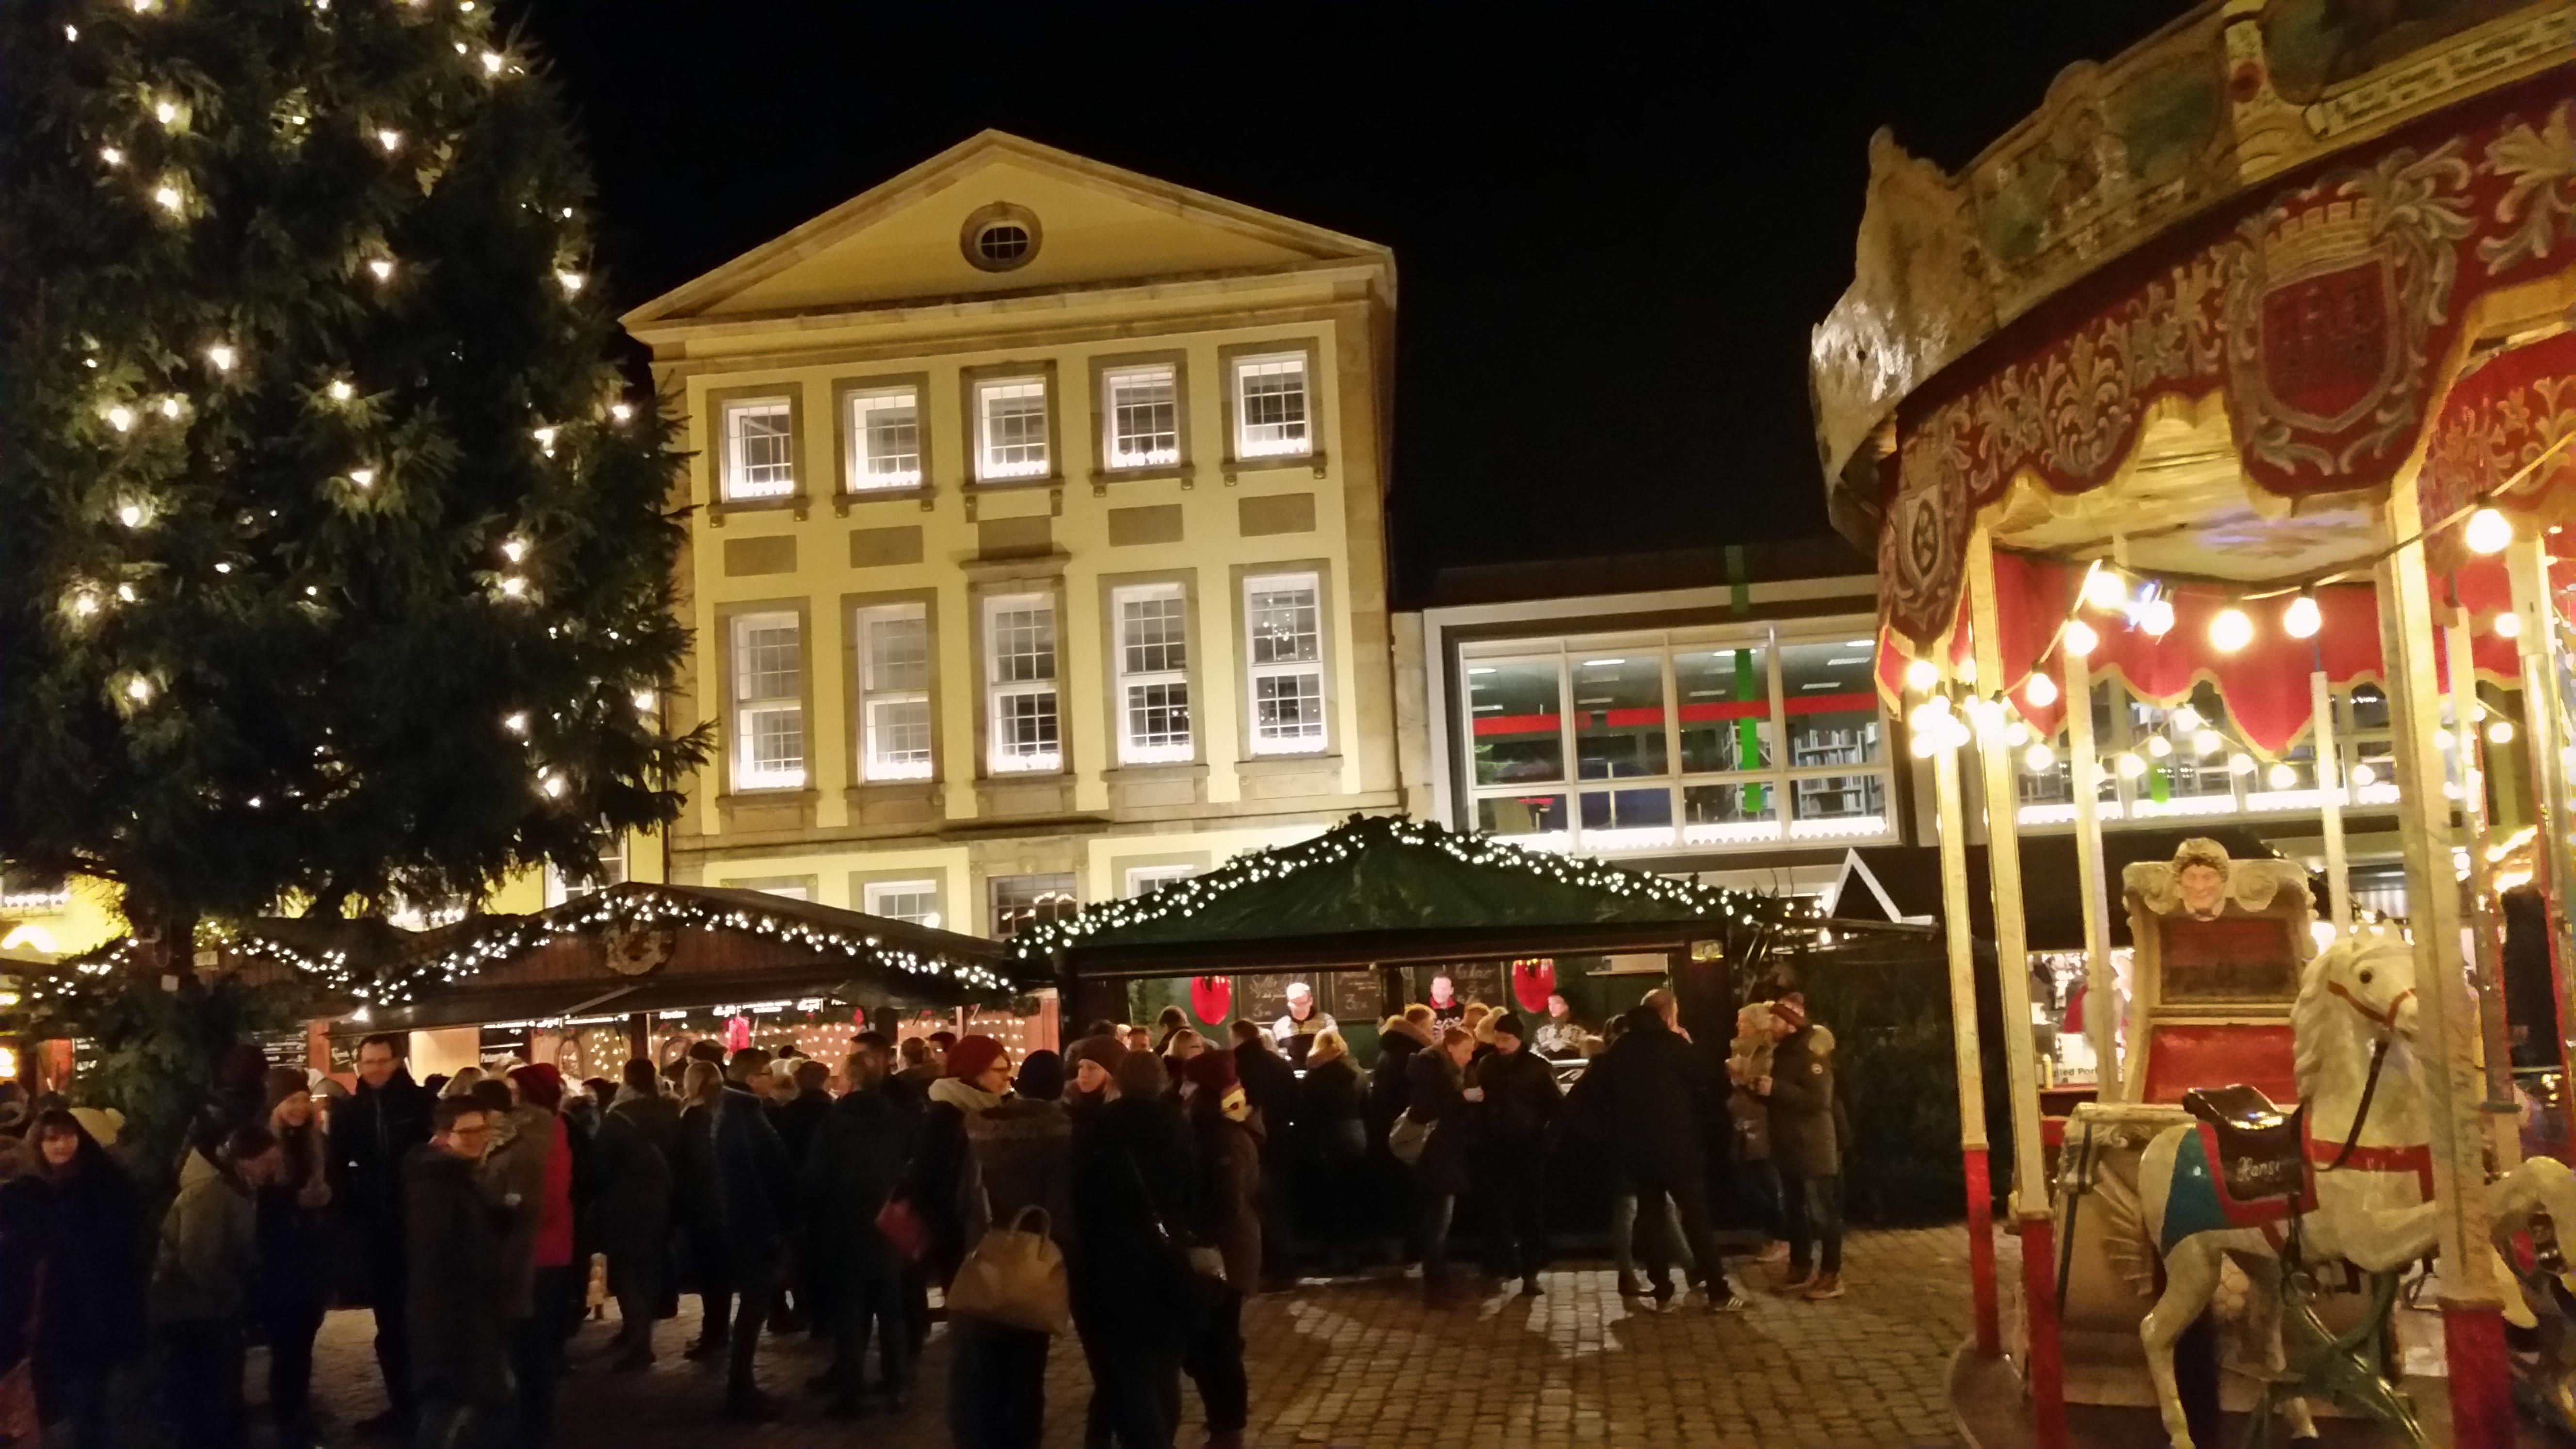 Weihnachtsmarkt Osnabrück.Am Freitag Beginnt Der Weihnachtsmarkt In Osnabrück Os Radio 104 8